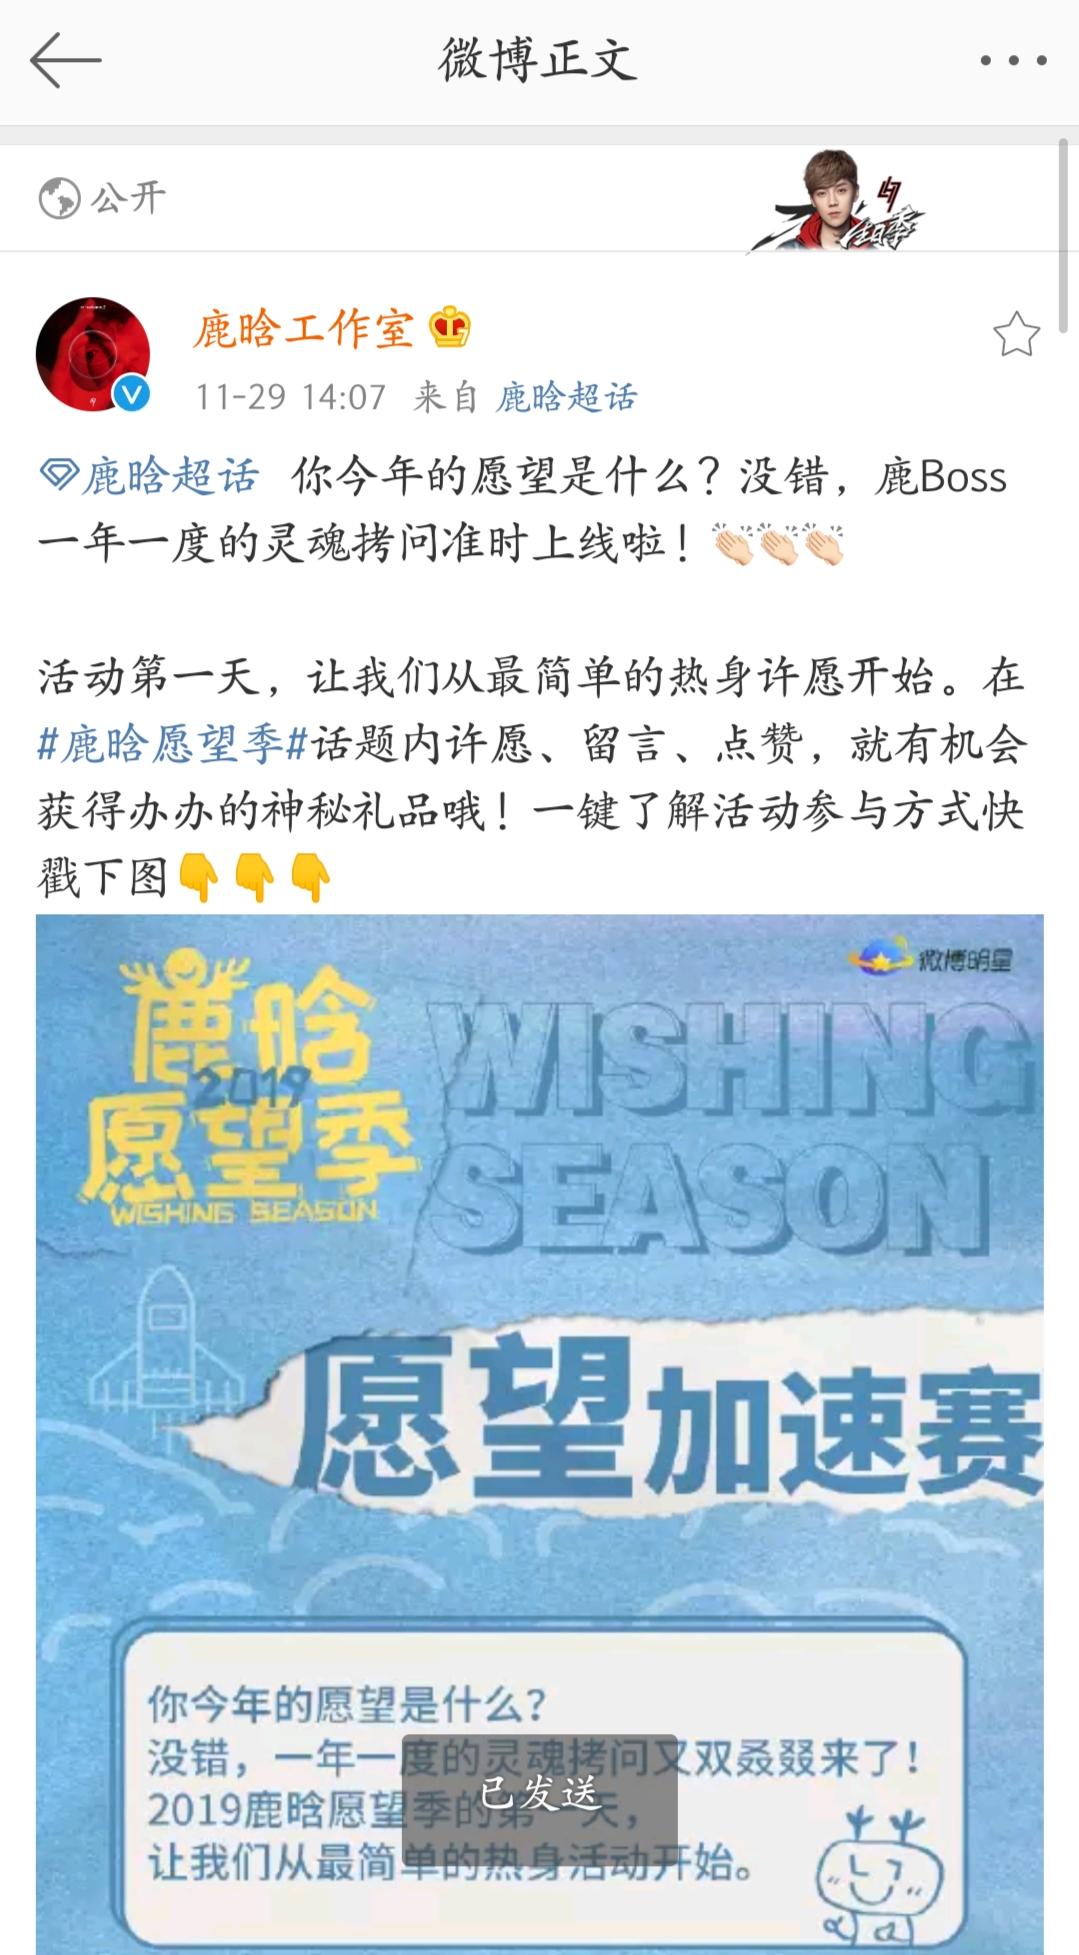 [鹿晗][新闻]191130 愿望季鹿晗发来愿望拷问 参与话题活动将获得神秘礼品